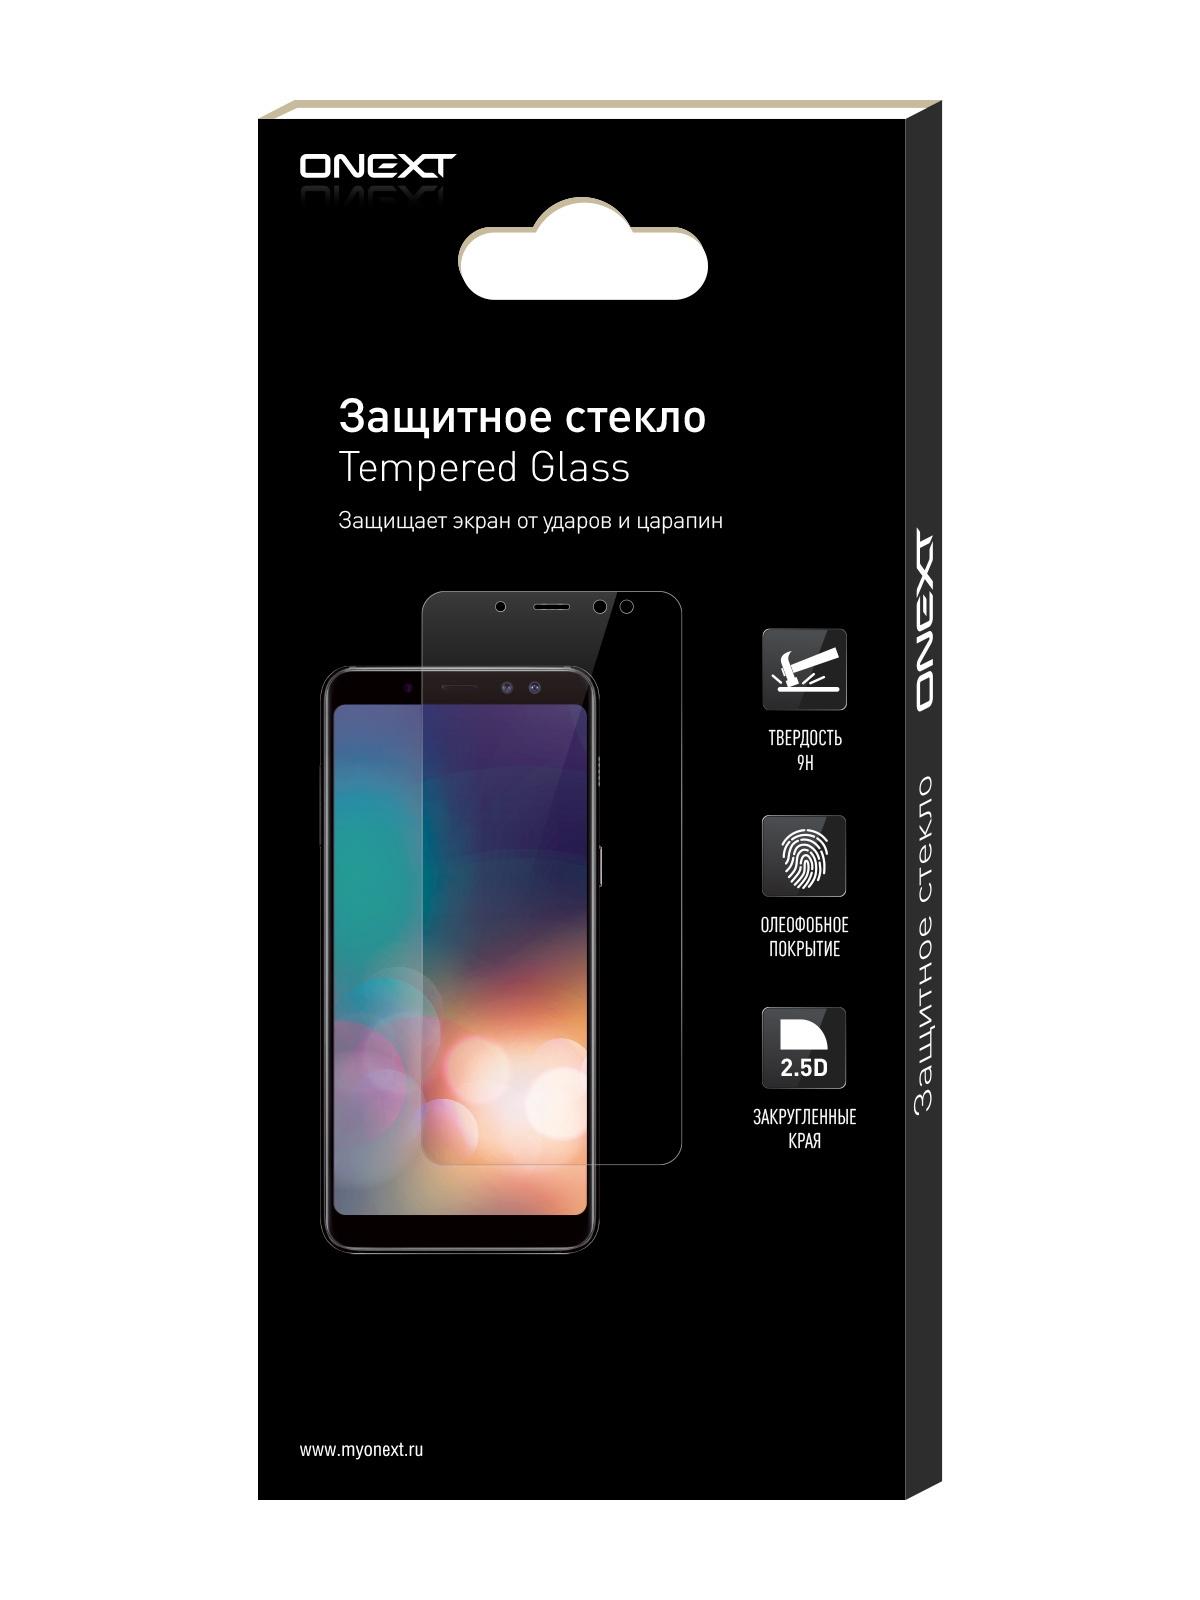 Защитное стекло ONEXT HTC One X9 аксессуар защитное стекло htc one x9 onext 41157